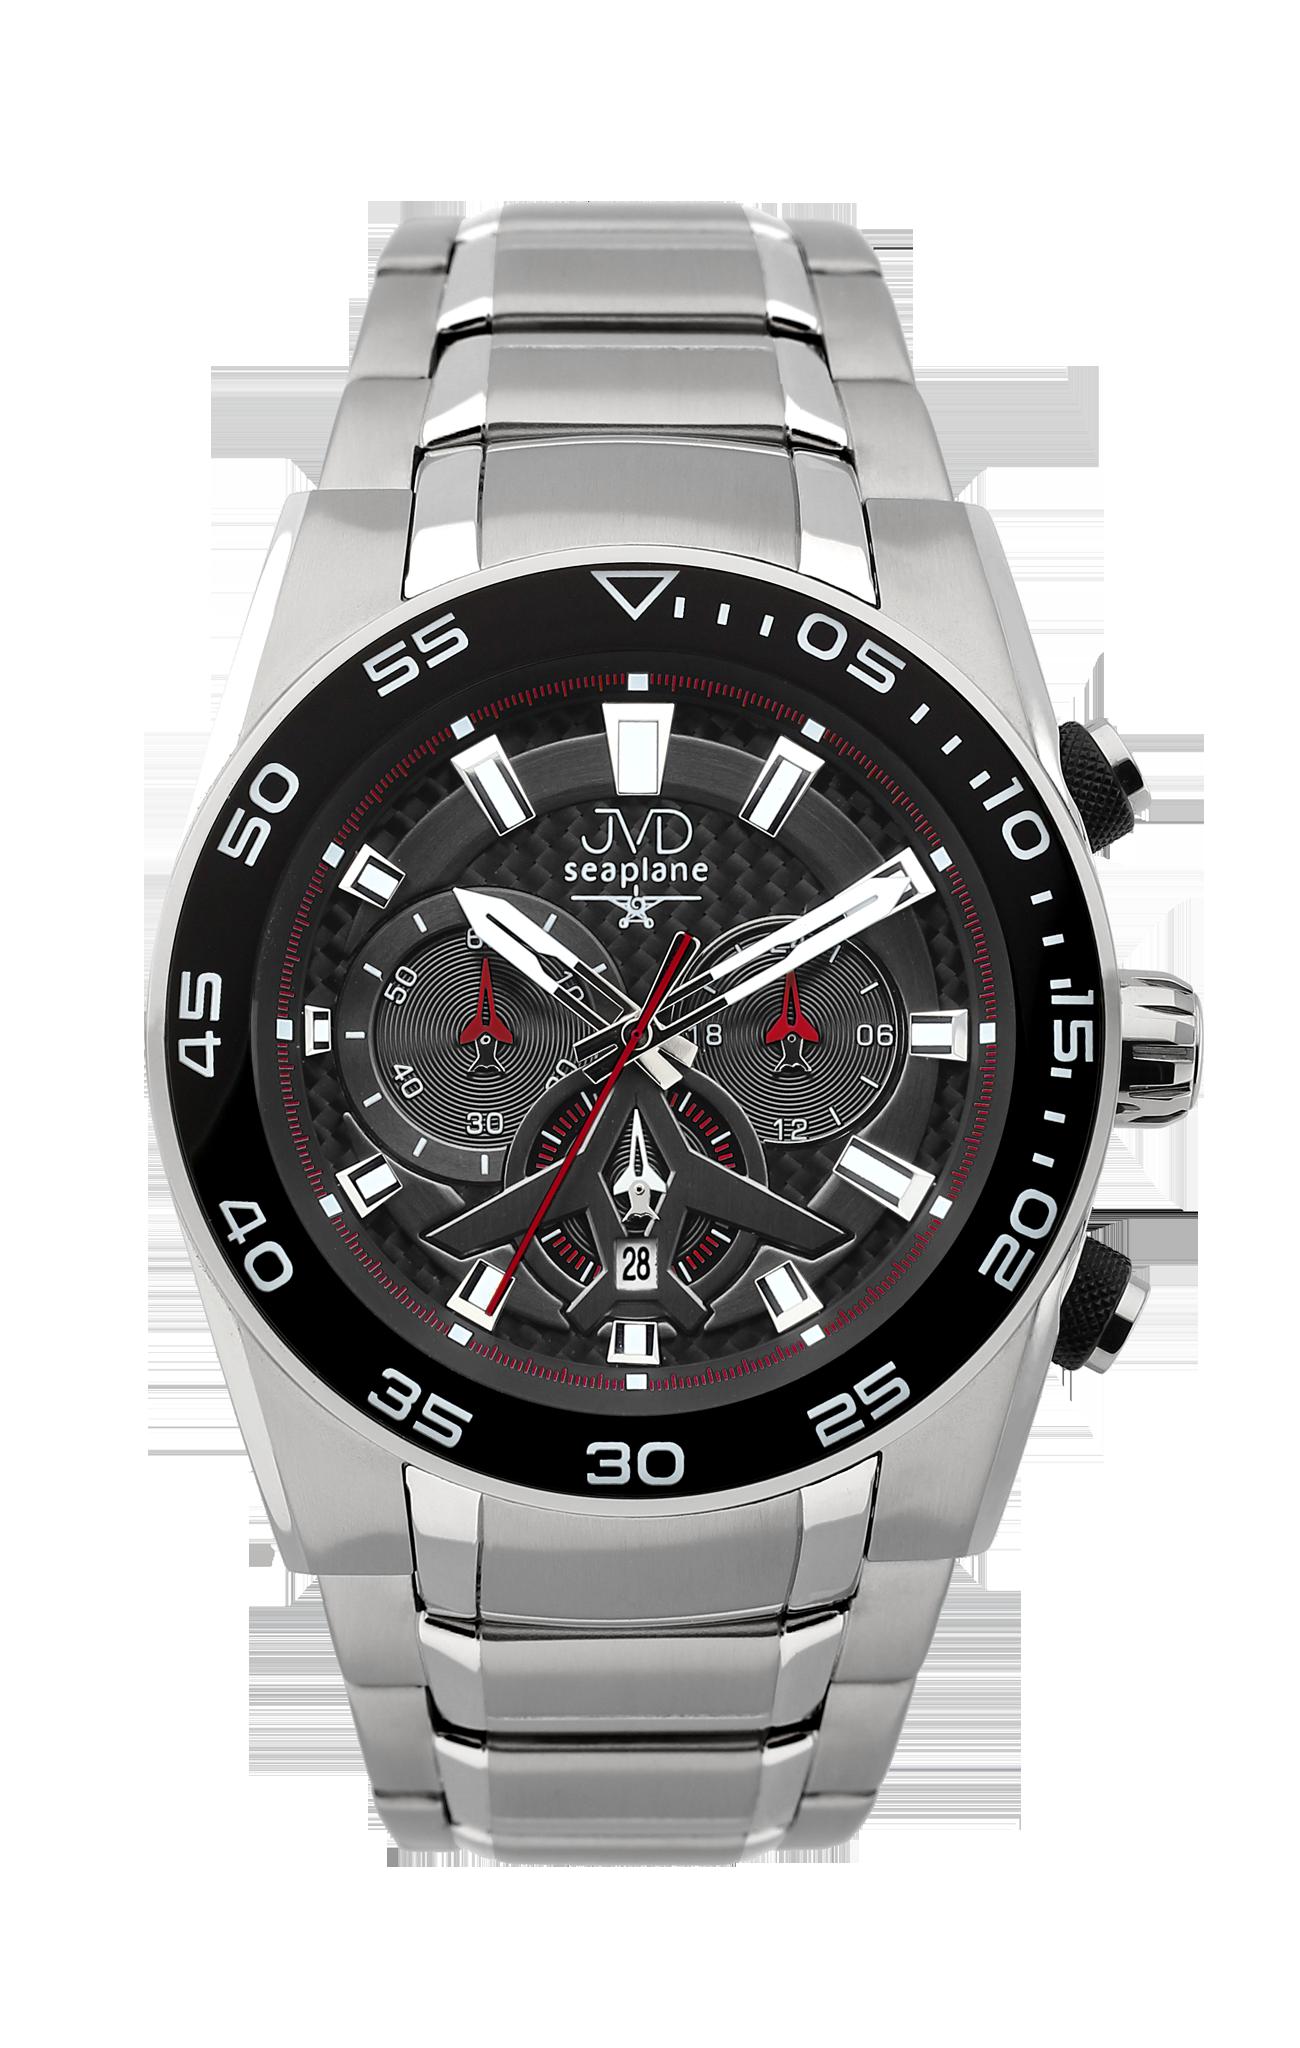 Luxusní vodotěsné sportovní hodinky JVD seaplane W49.3 chornograf se stopkami (POŠTOVNÉ ZDARMA!!)